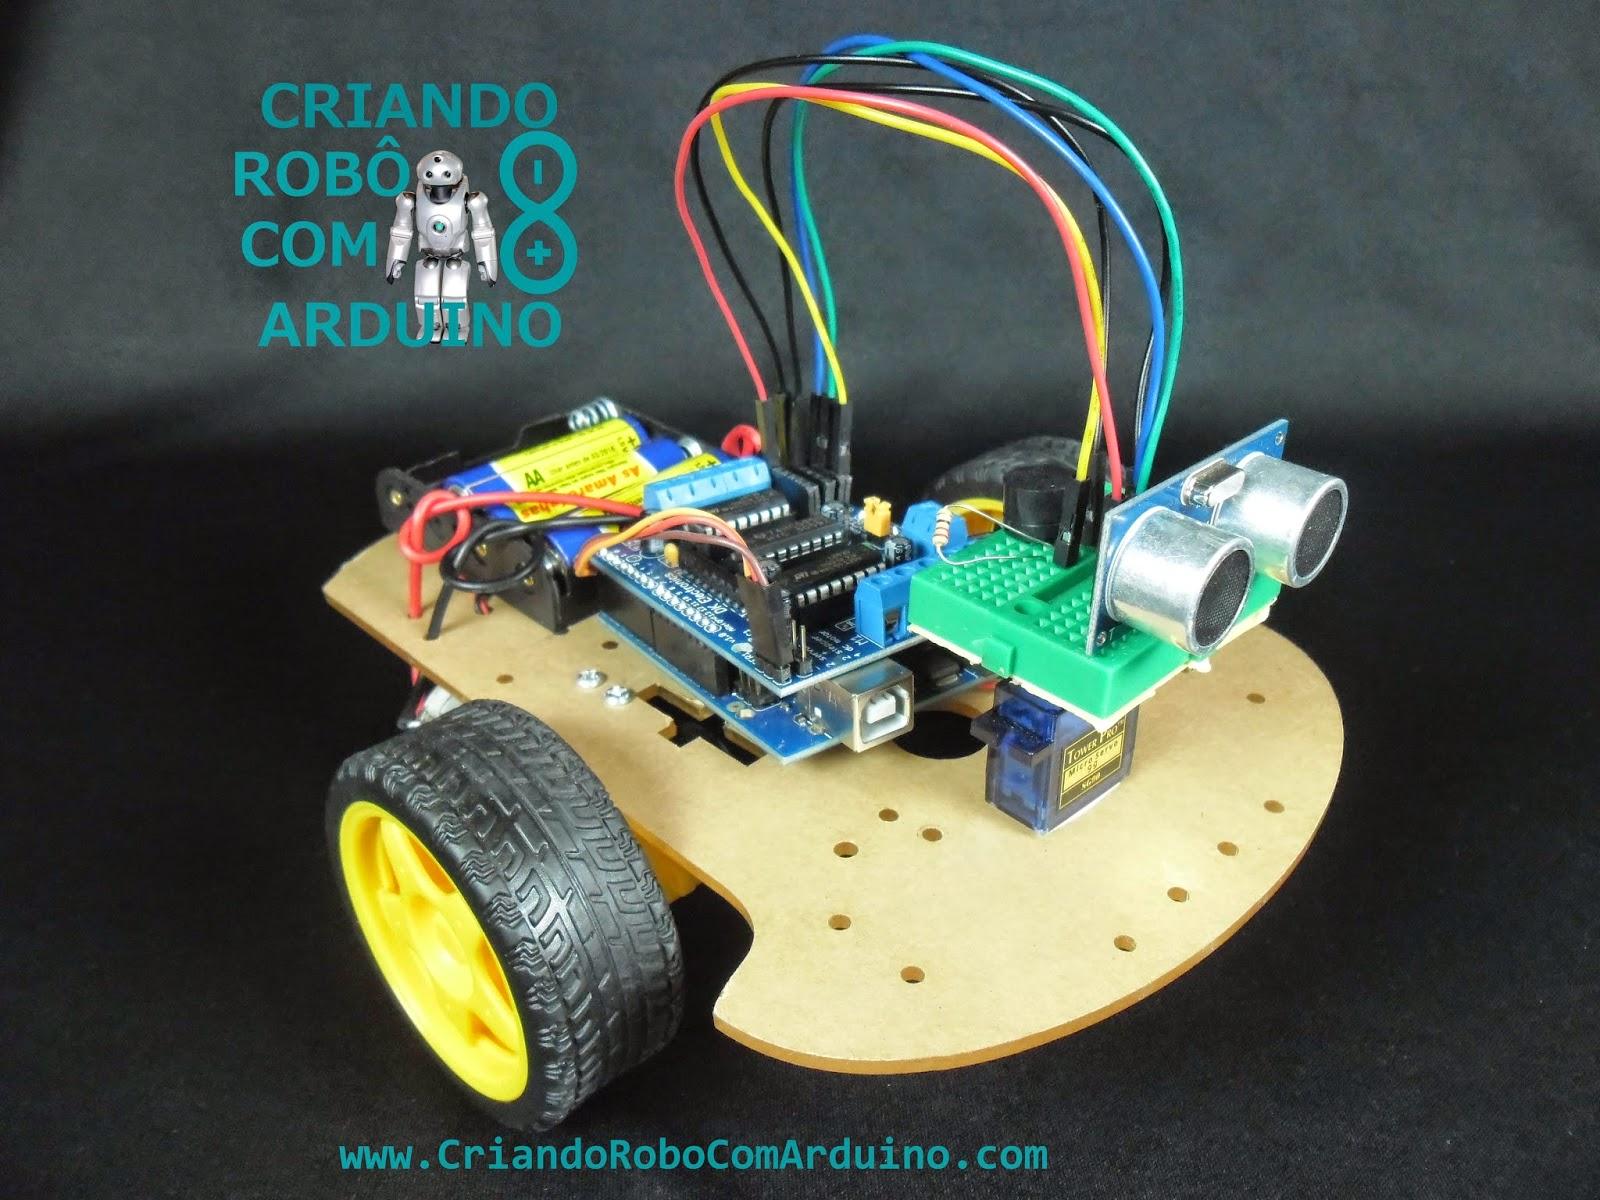 Criando robô com arduíno robôs projetos